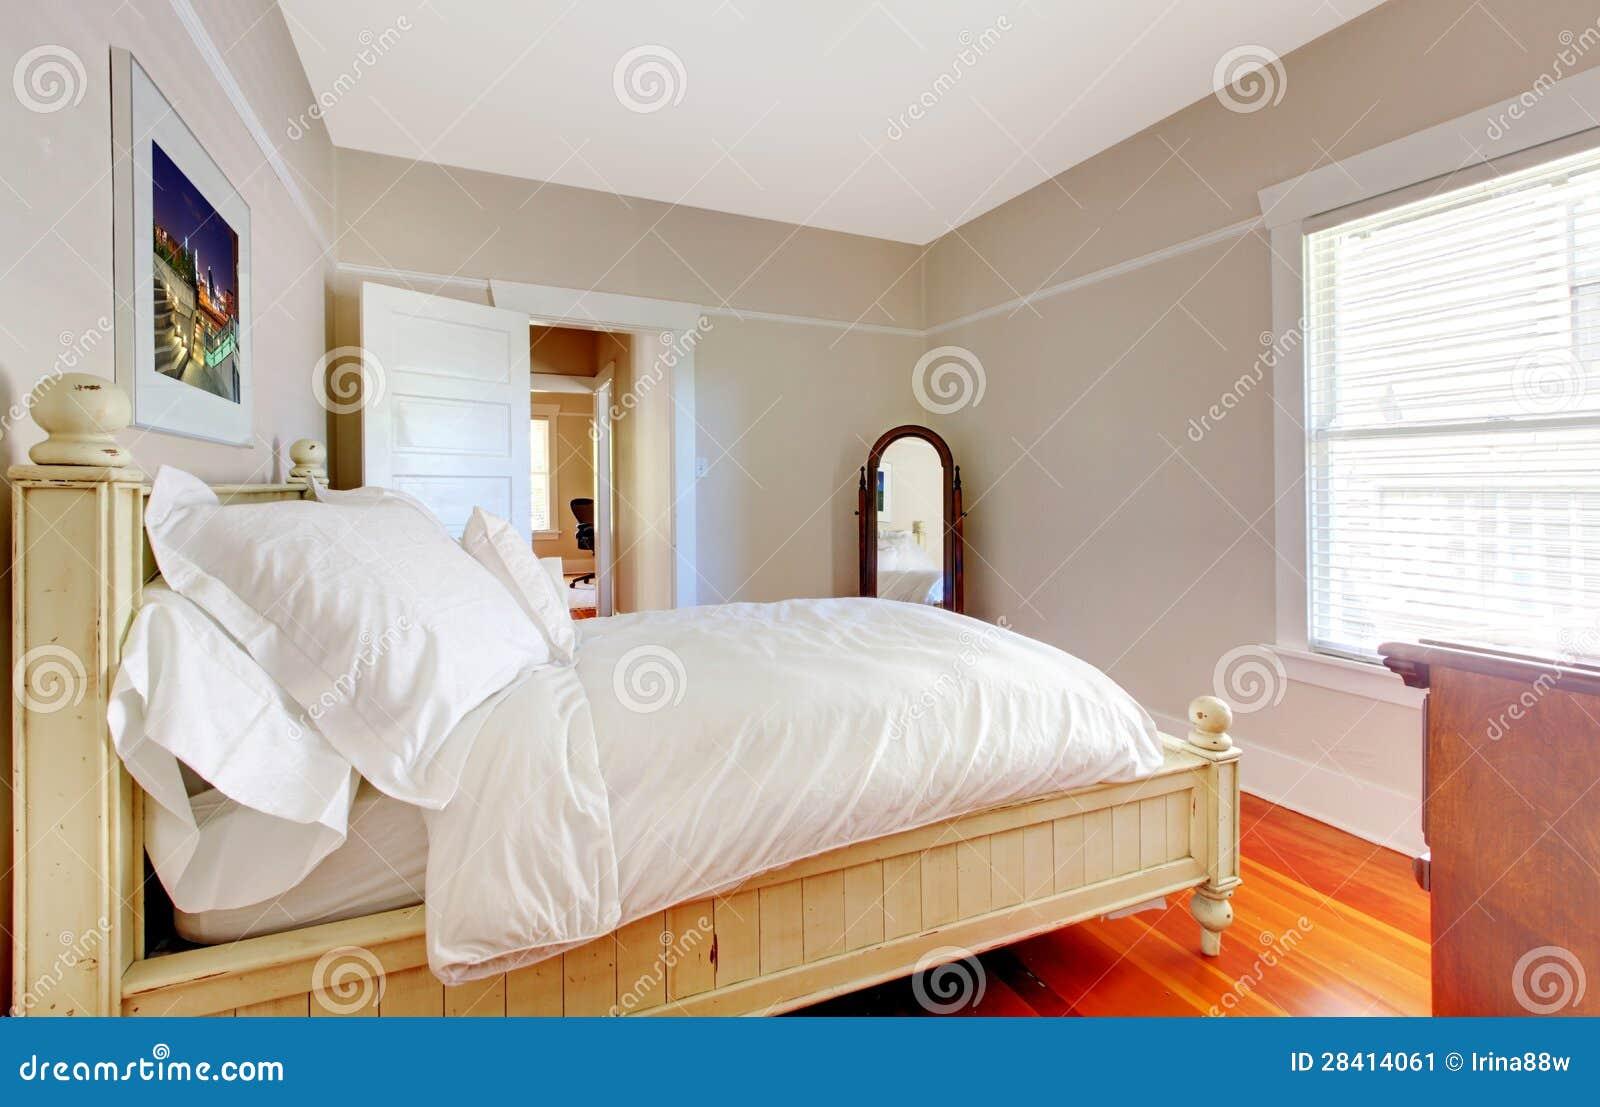 Camera da letto luminosa con il letto bianco e le pareti beige immagine stock immagine di - Muri colorati camera da letto ...